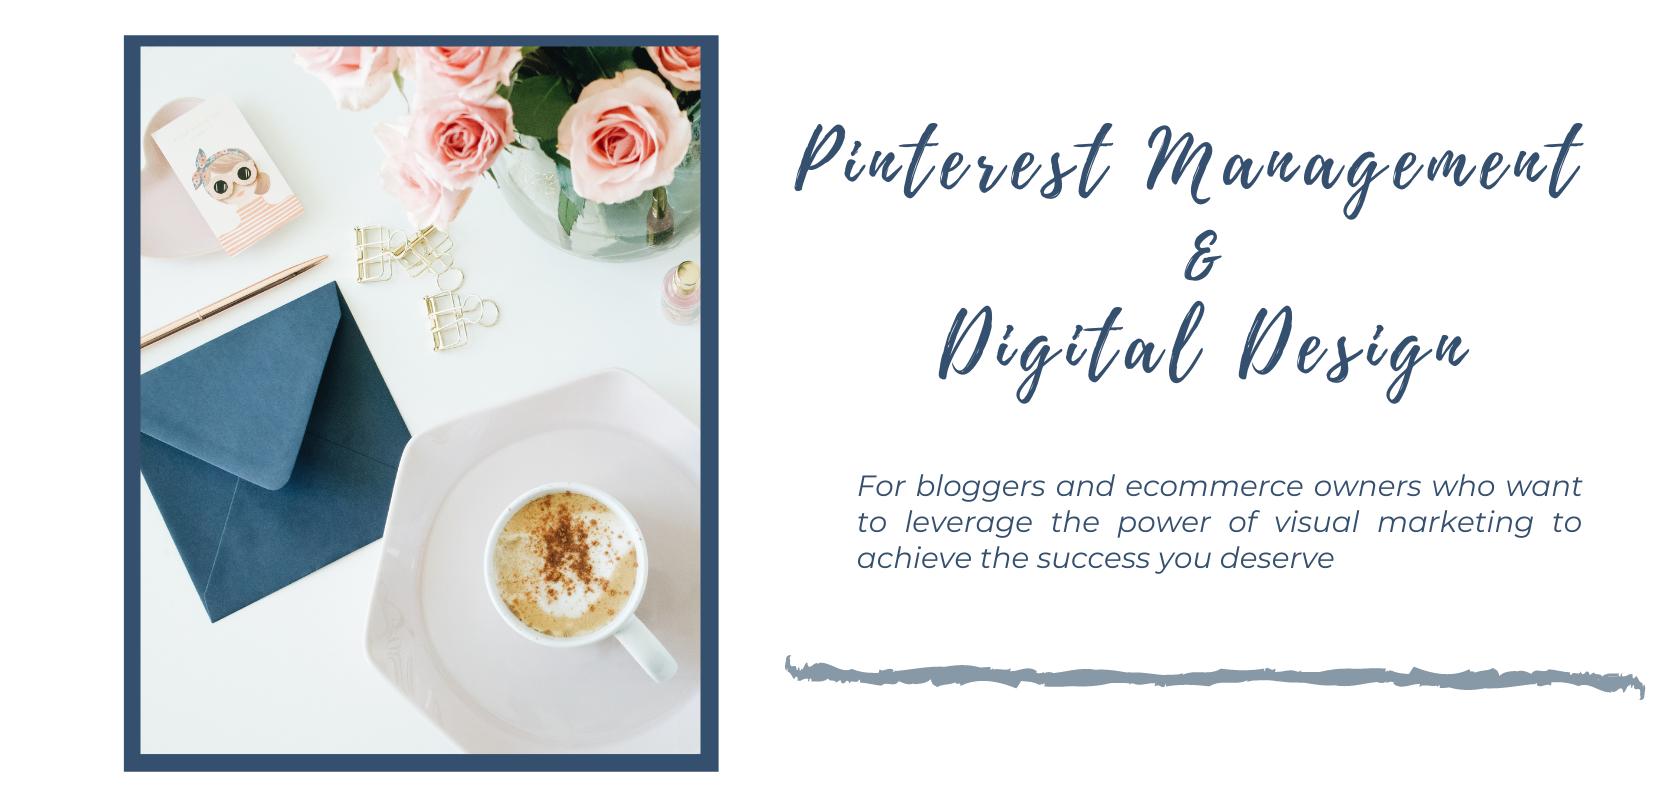 Pinterest Management and Digital Design